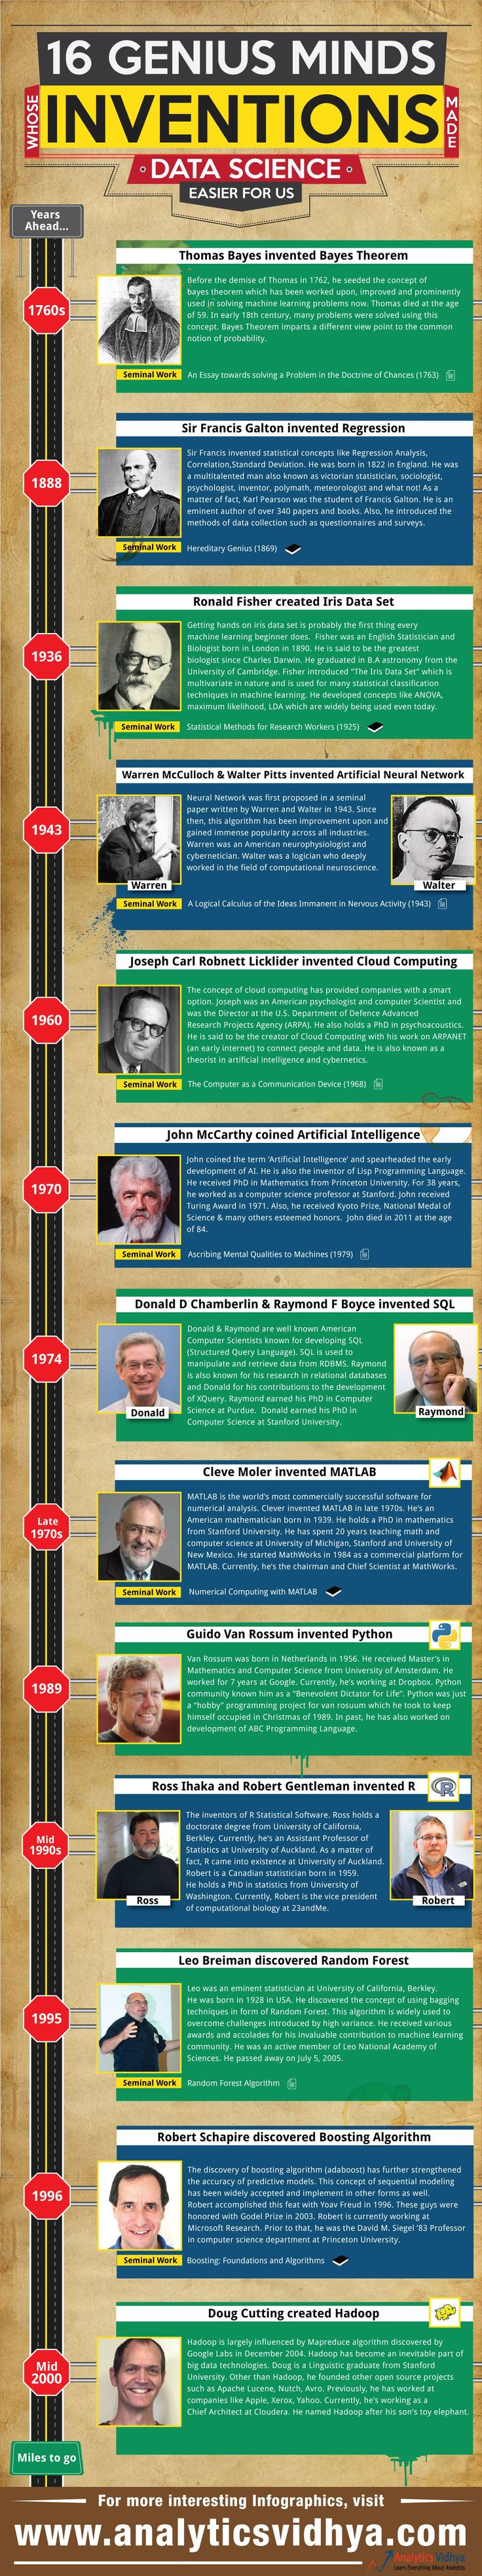 16 genius minds data science